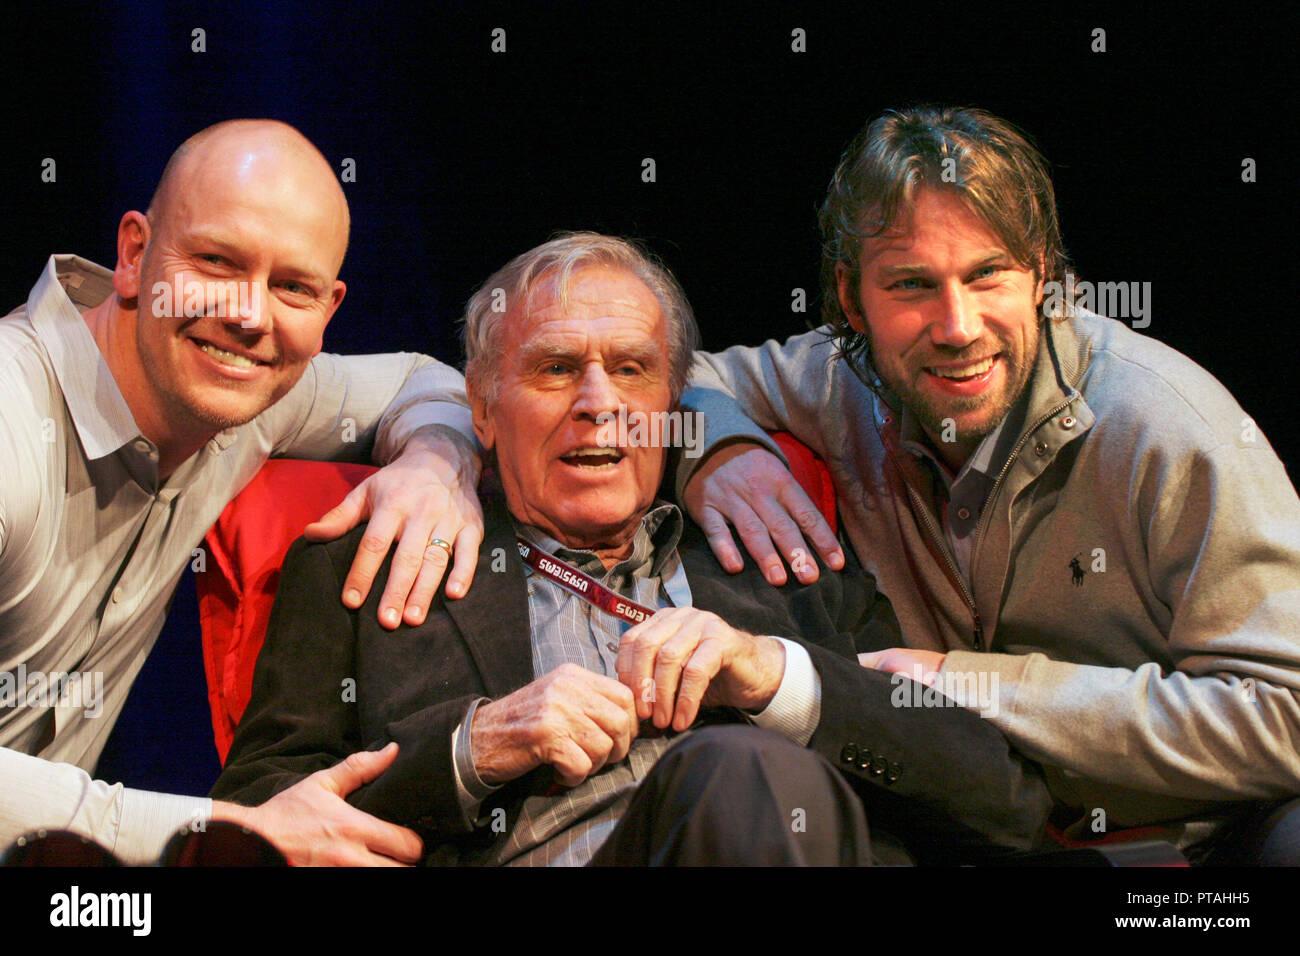 Schwedische Eishockey legendären Sven Tumba an eine Hommage Gala für ihn in der 80. Jahrestag. Herzlichen Glückwunsch, die auf ehemaligen Eishockey Profis in der NHL Mats Sundin Toronto und Peter Forsberg Colarado Stockbild